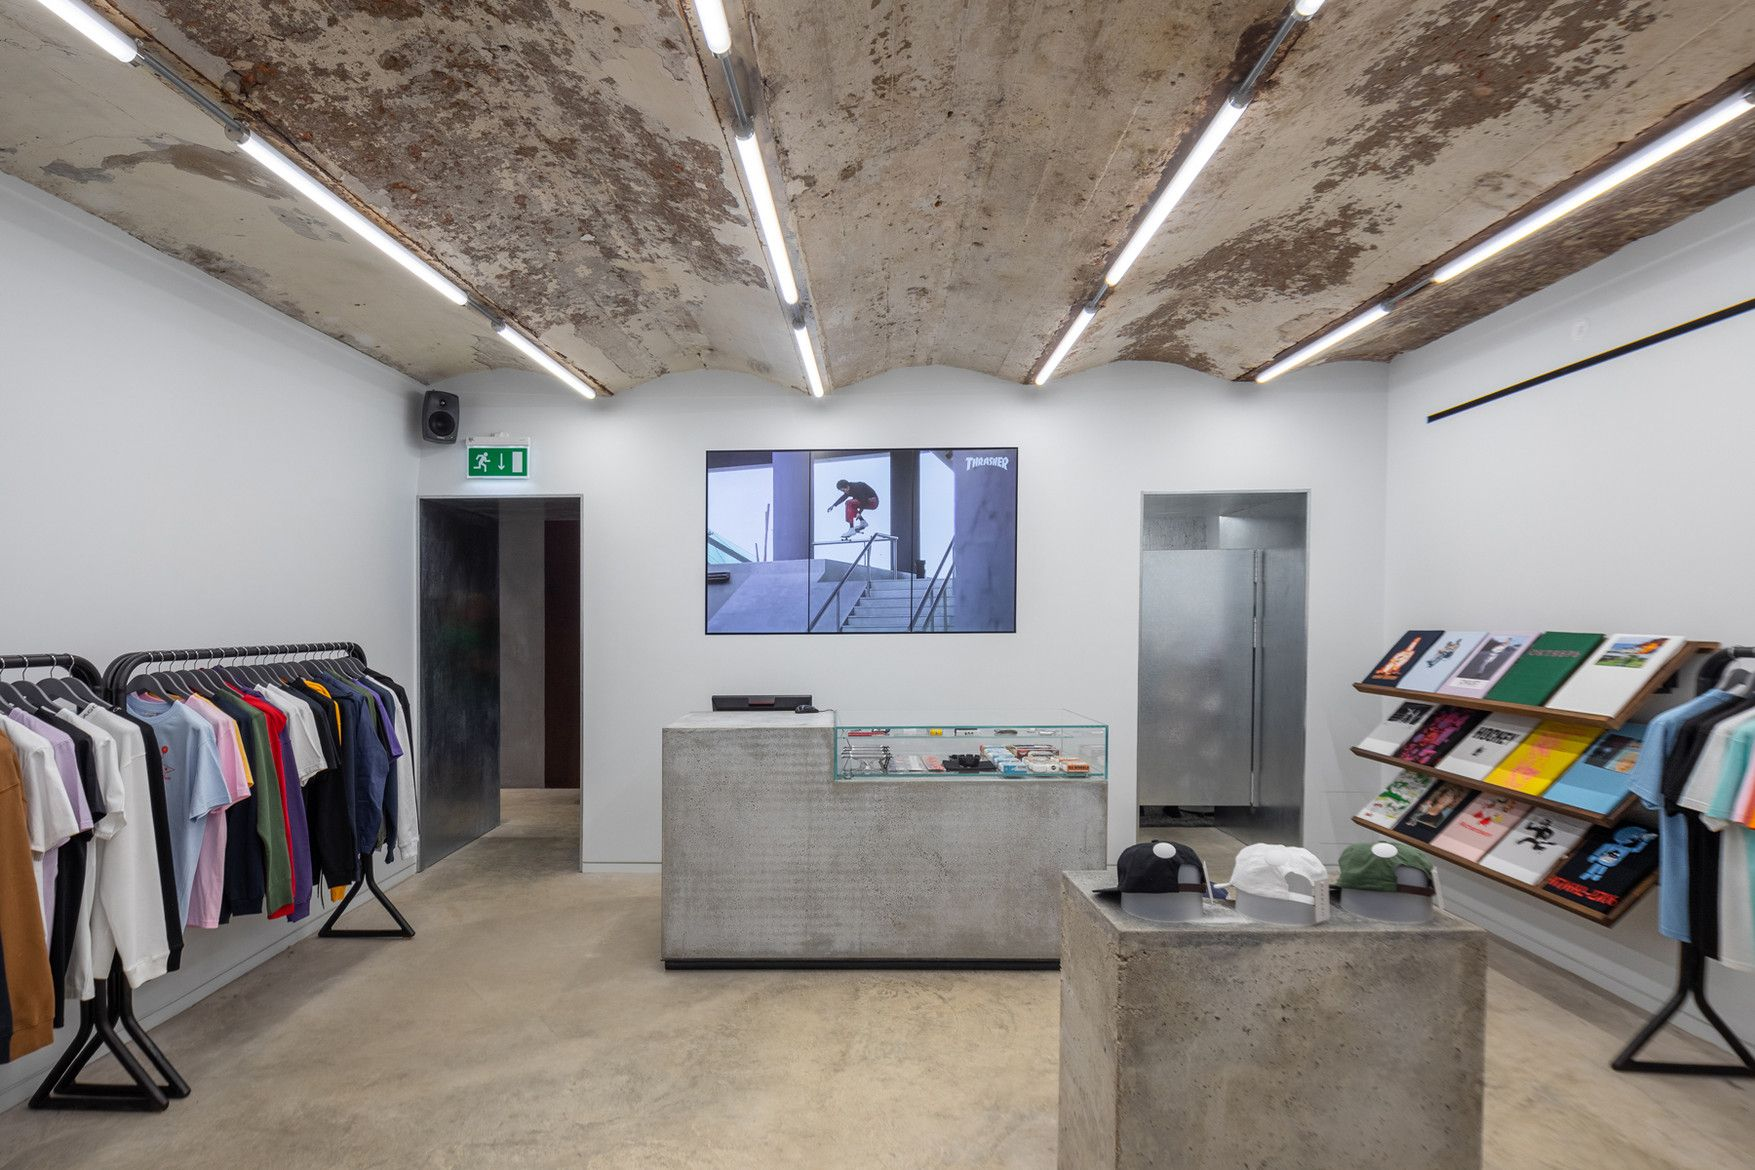 31+ Gosha shop ideas in 2021